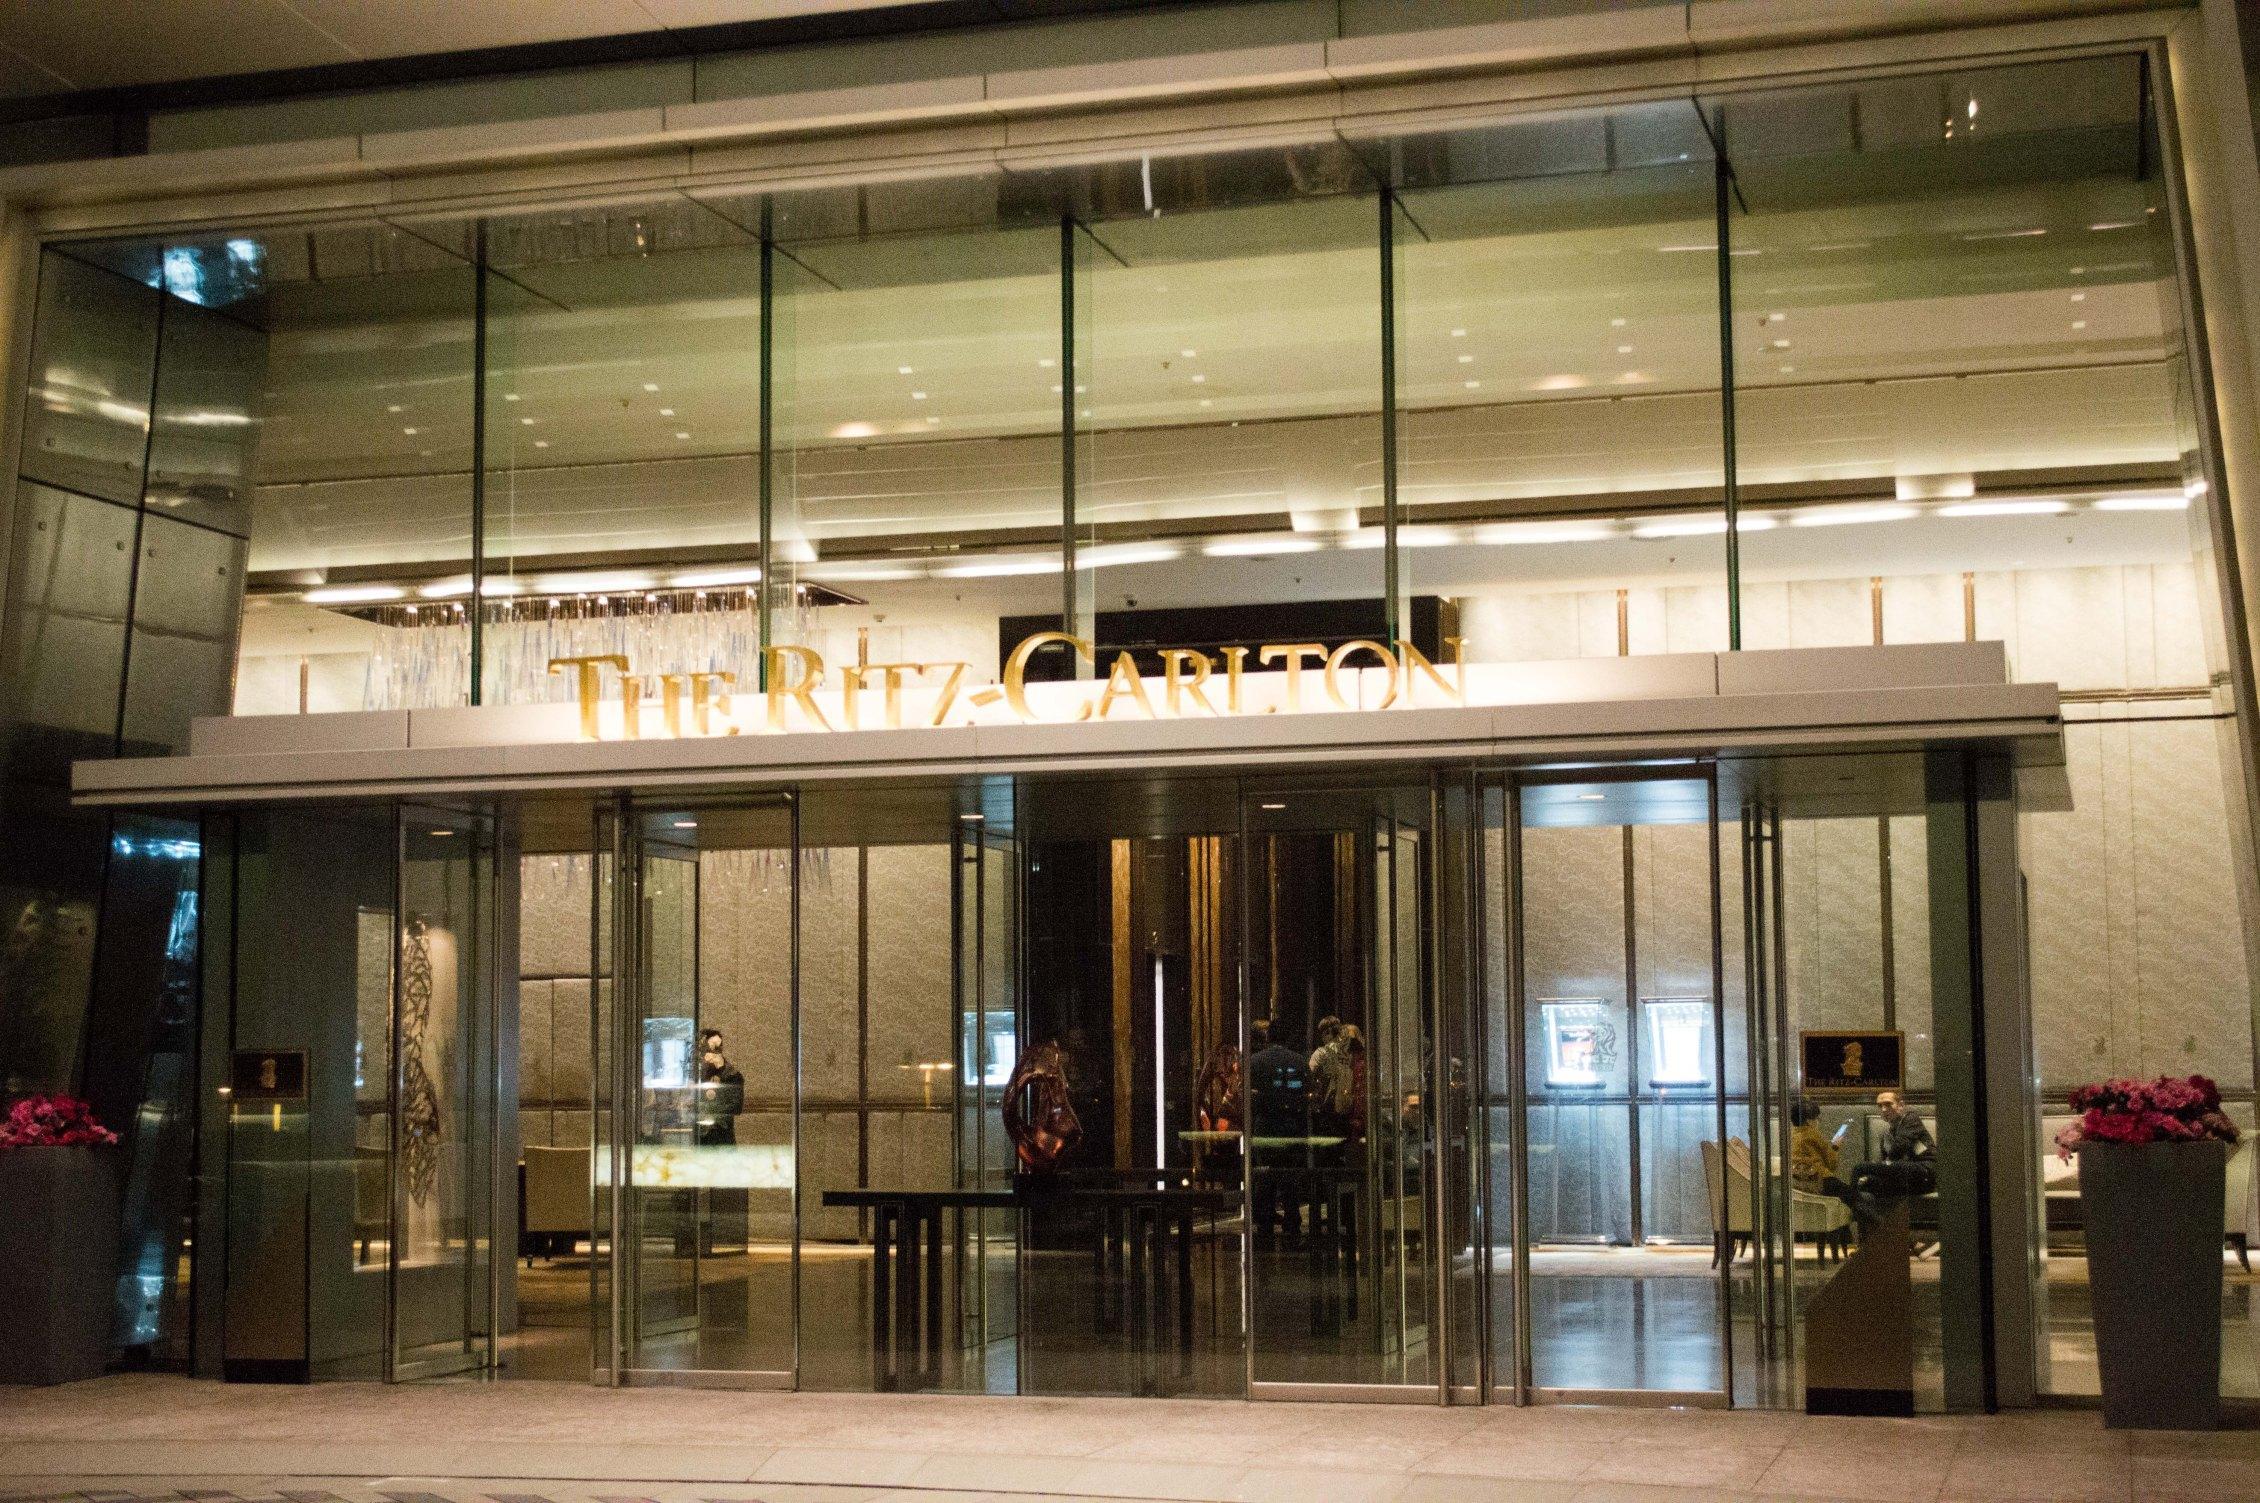 上下九地铁站_世界上最高的酒店 -- 香港丽思卡尔顿酒店入住体验 - 知乎